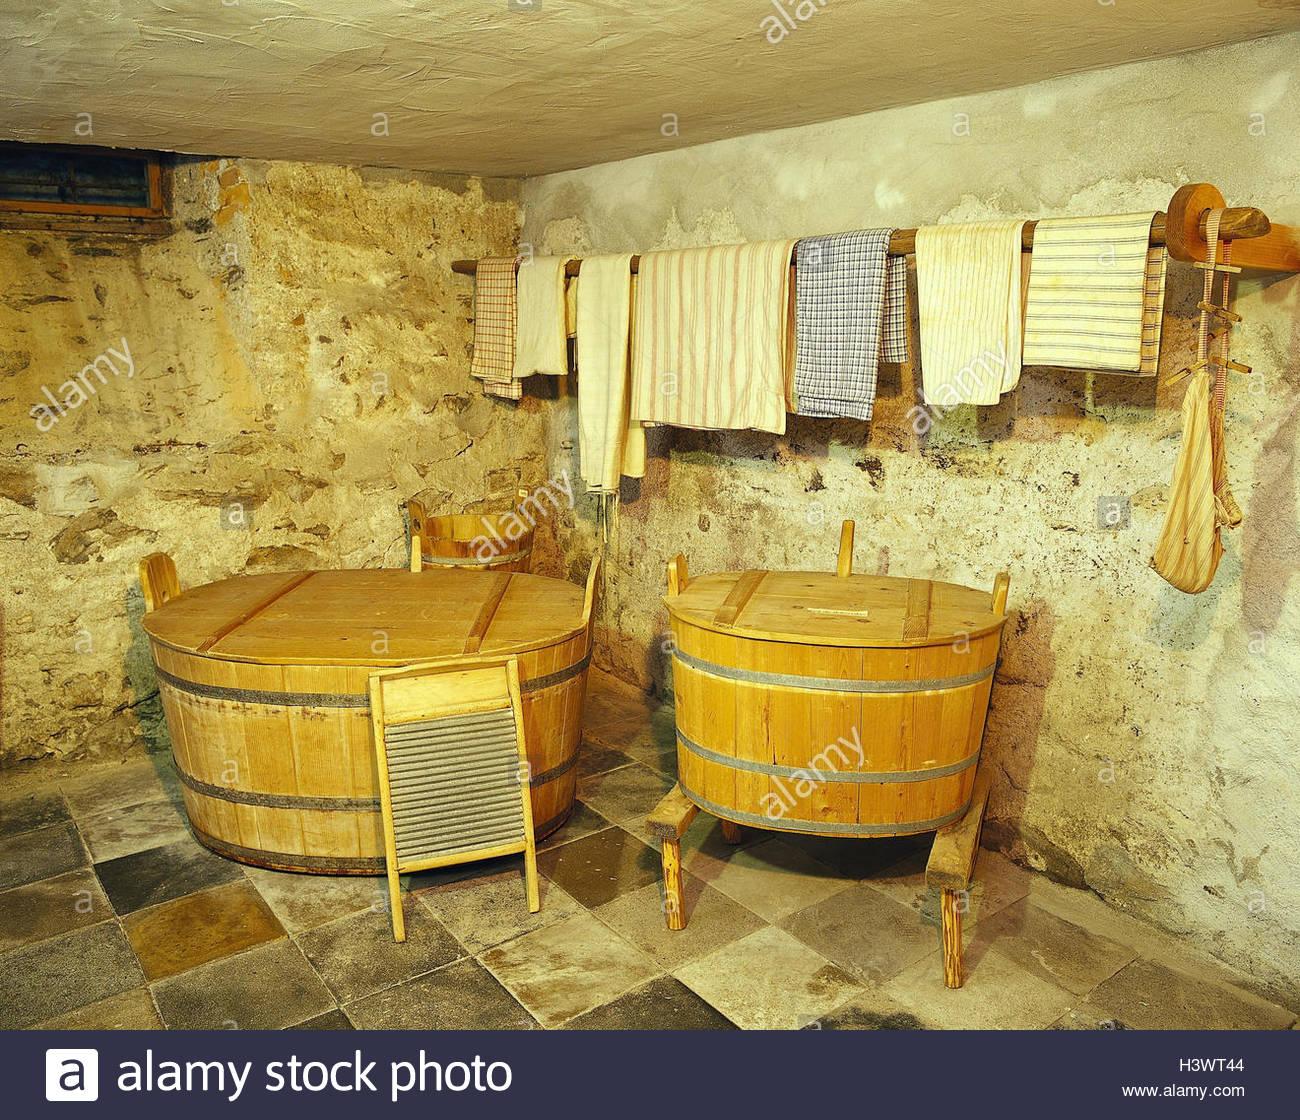 Old Washhouse Stockfotos & Old Washhouse Bilder - Alamy